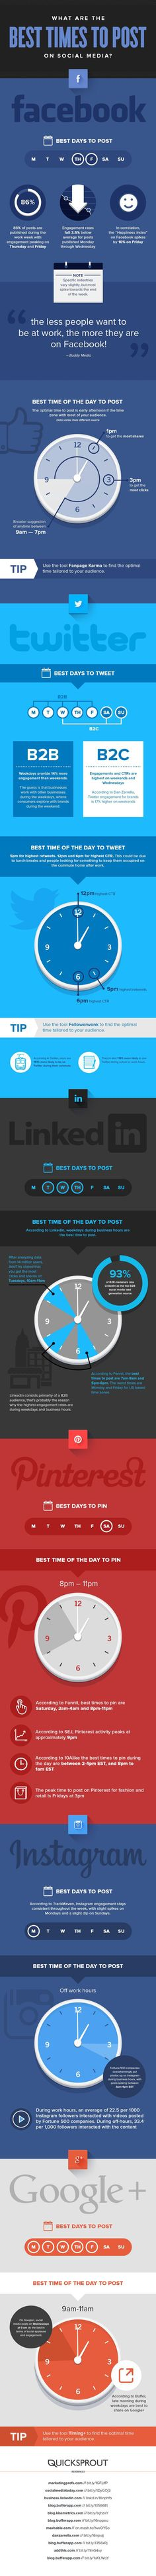 ¿Cuáles son los mejores horarios para publicar en Social Media?